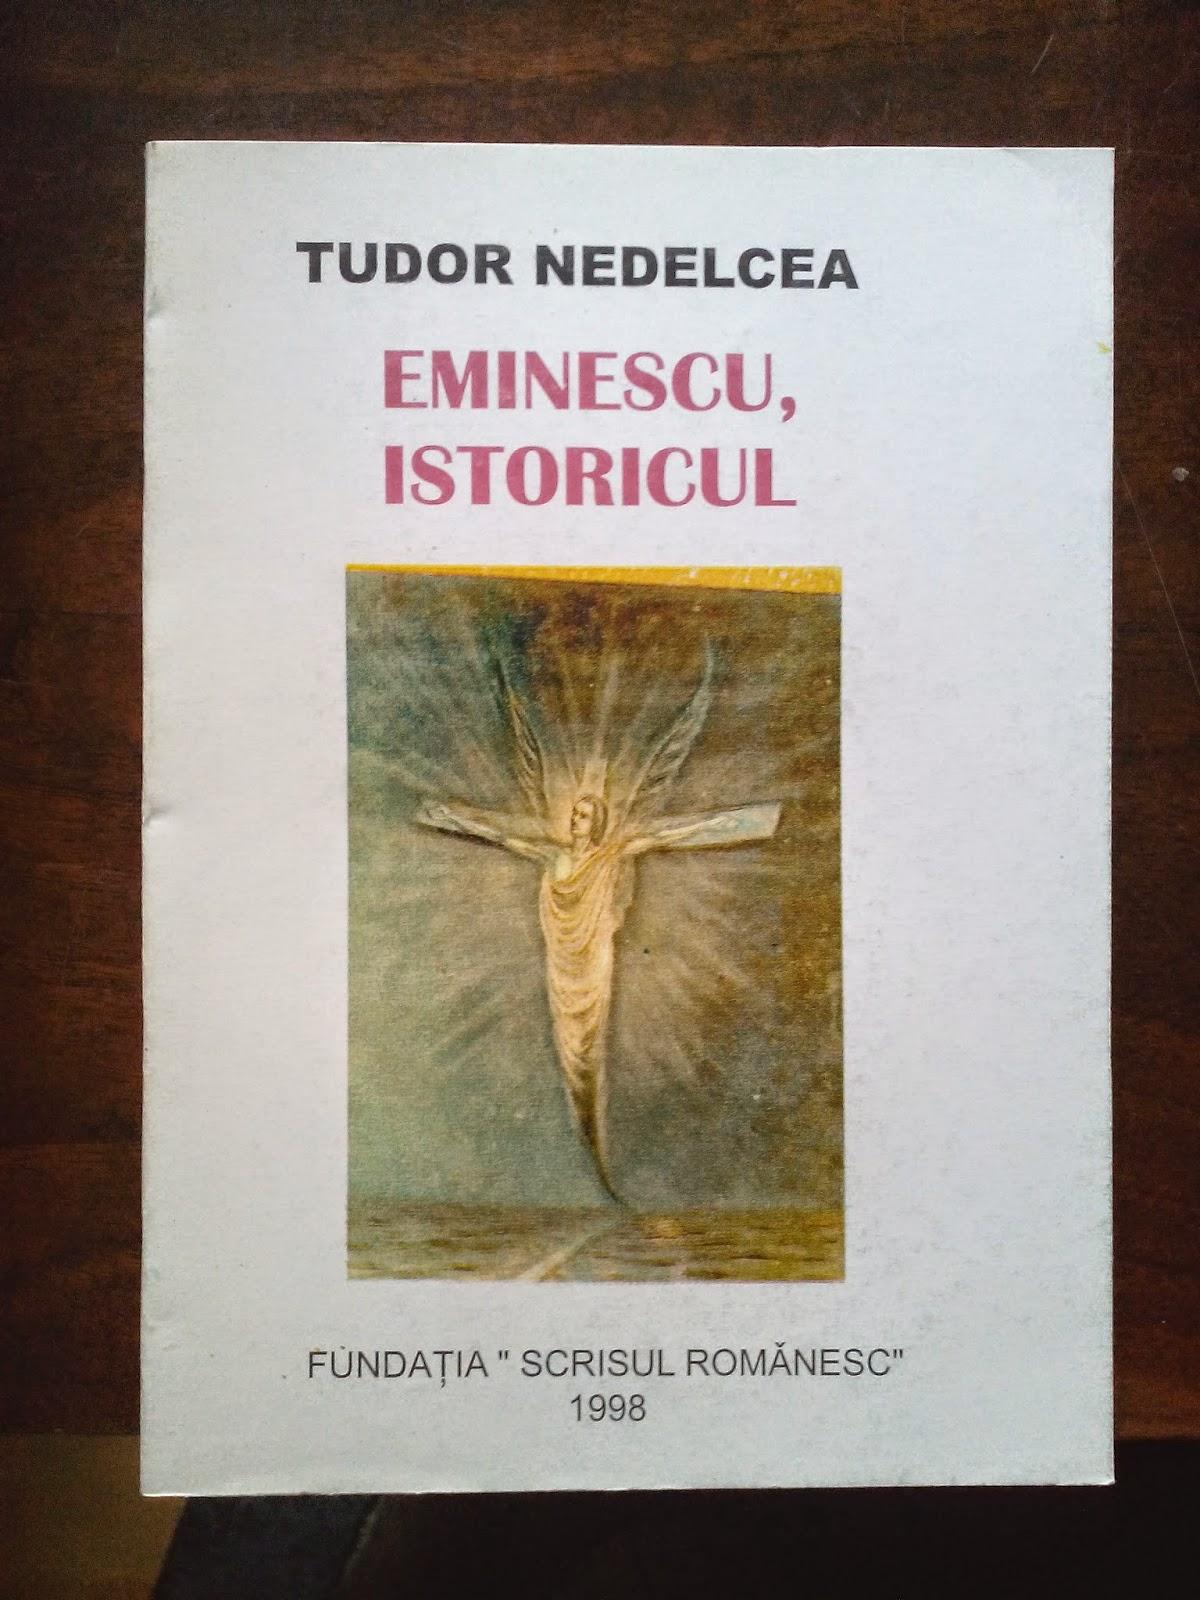 Tudor Nedelcea - Eminescu, istoricul